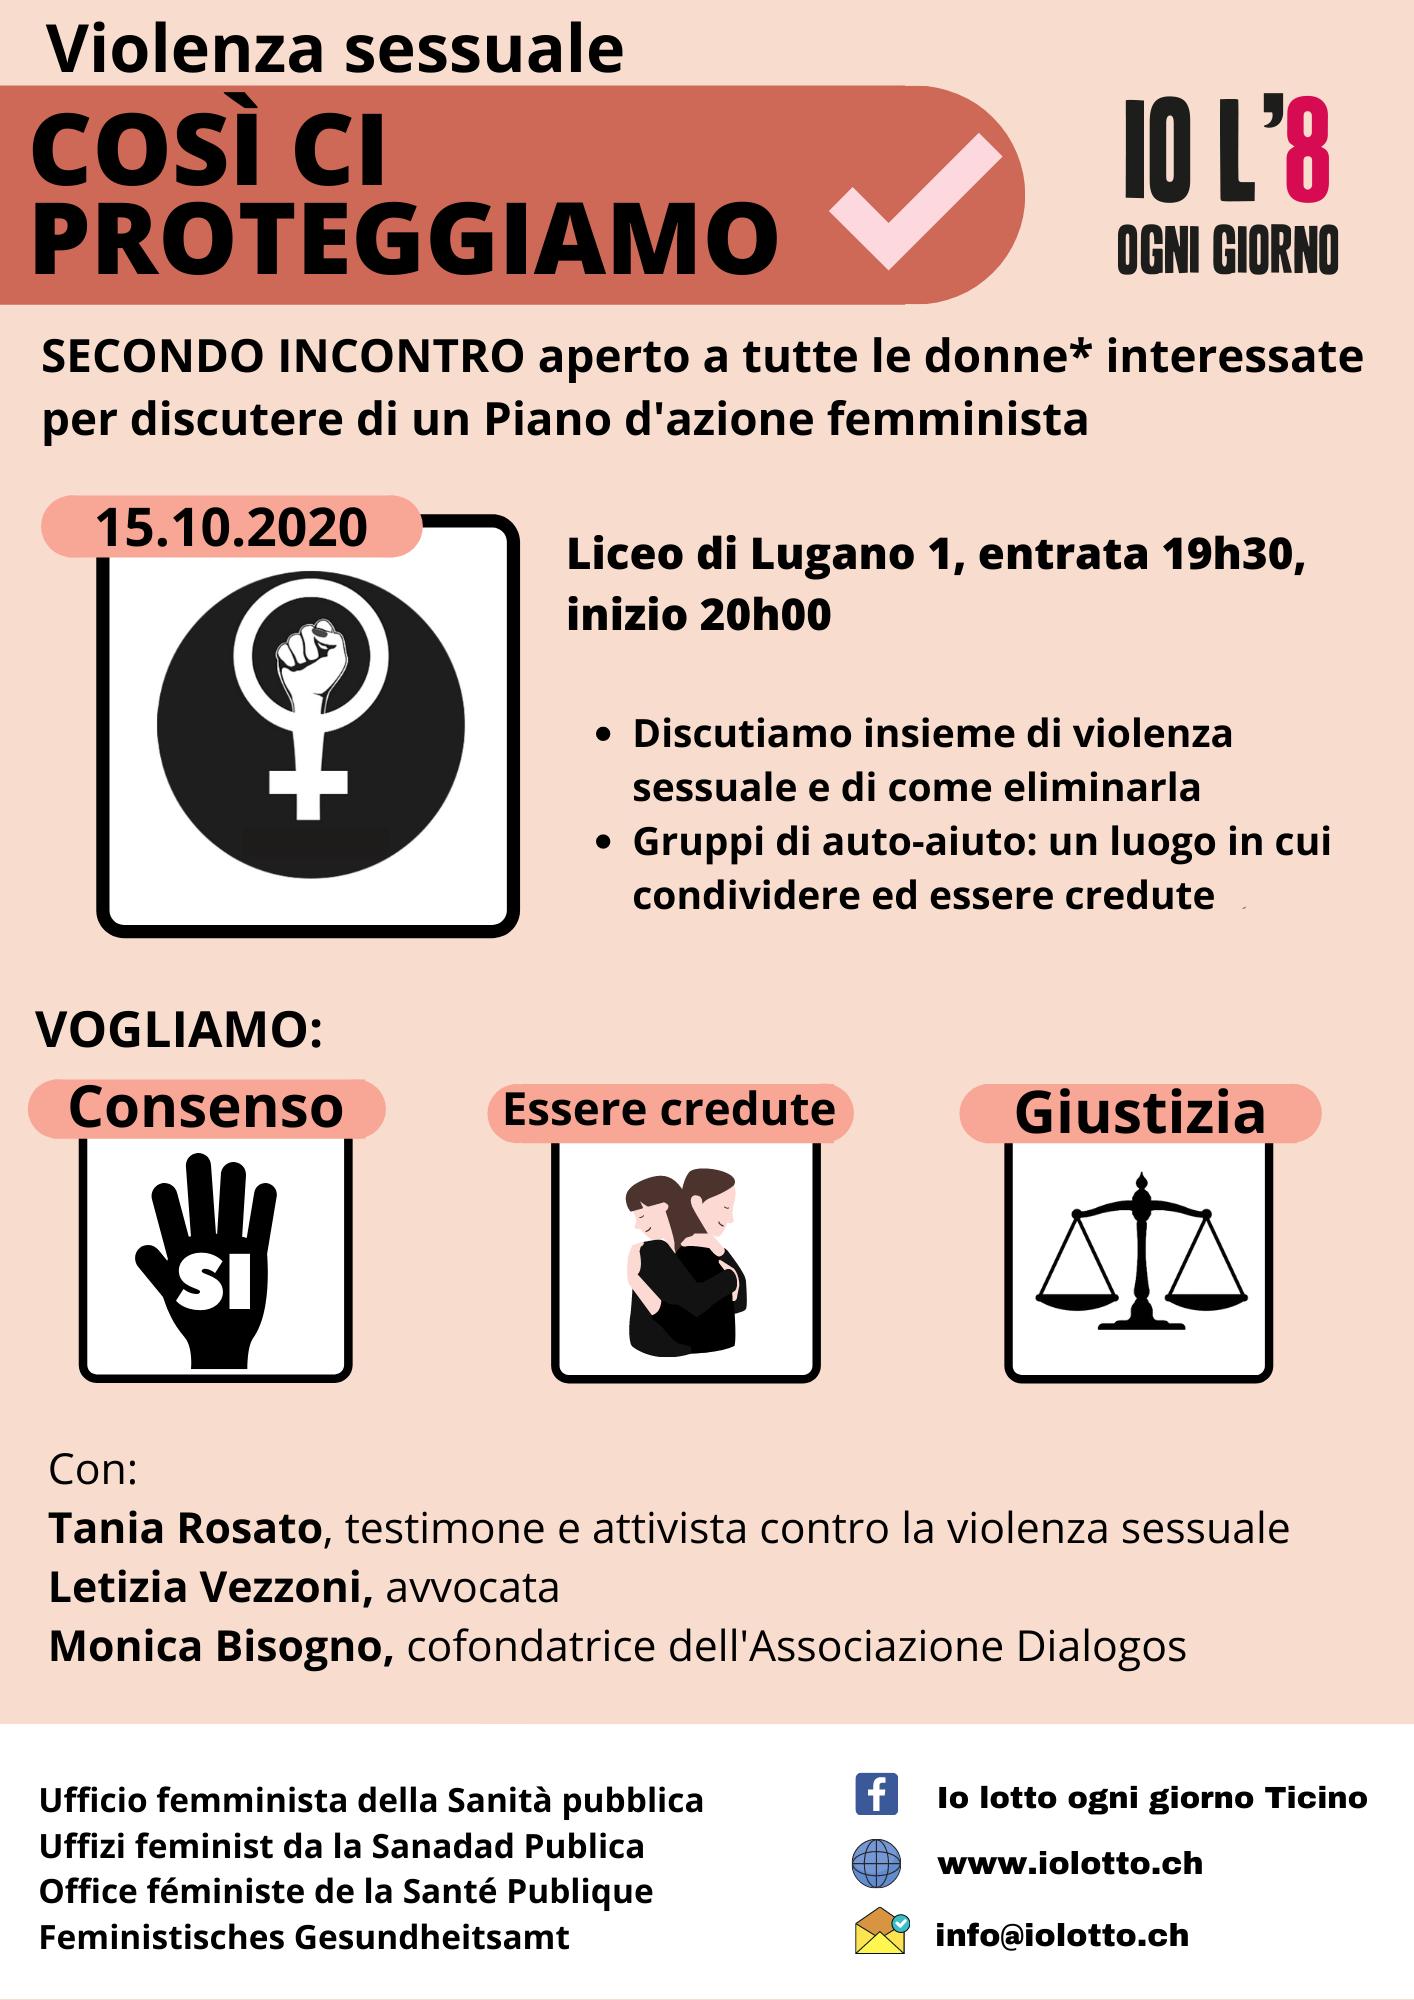 Così ci proteggiamo - secondo incontro per un Piano d'azione femminista